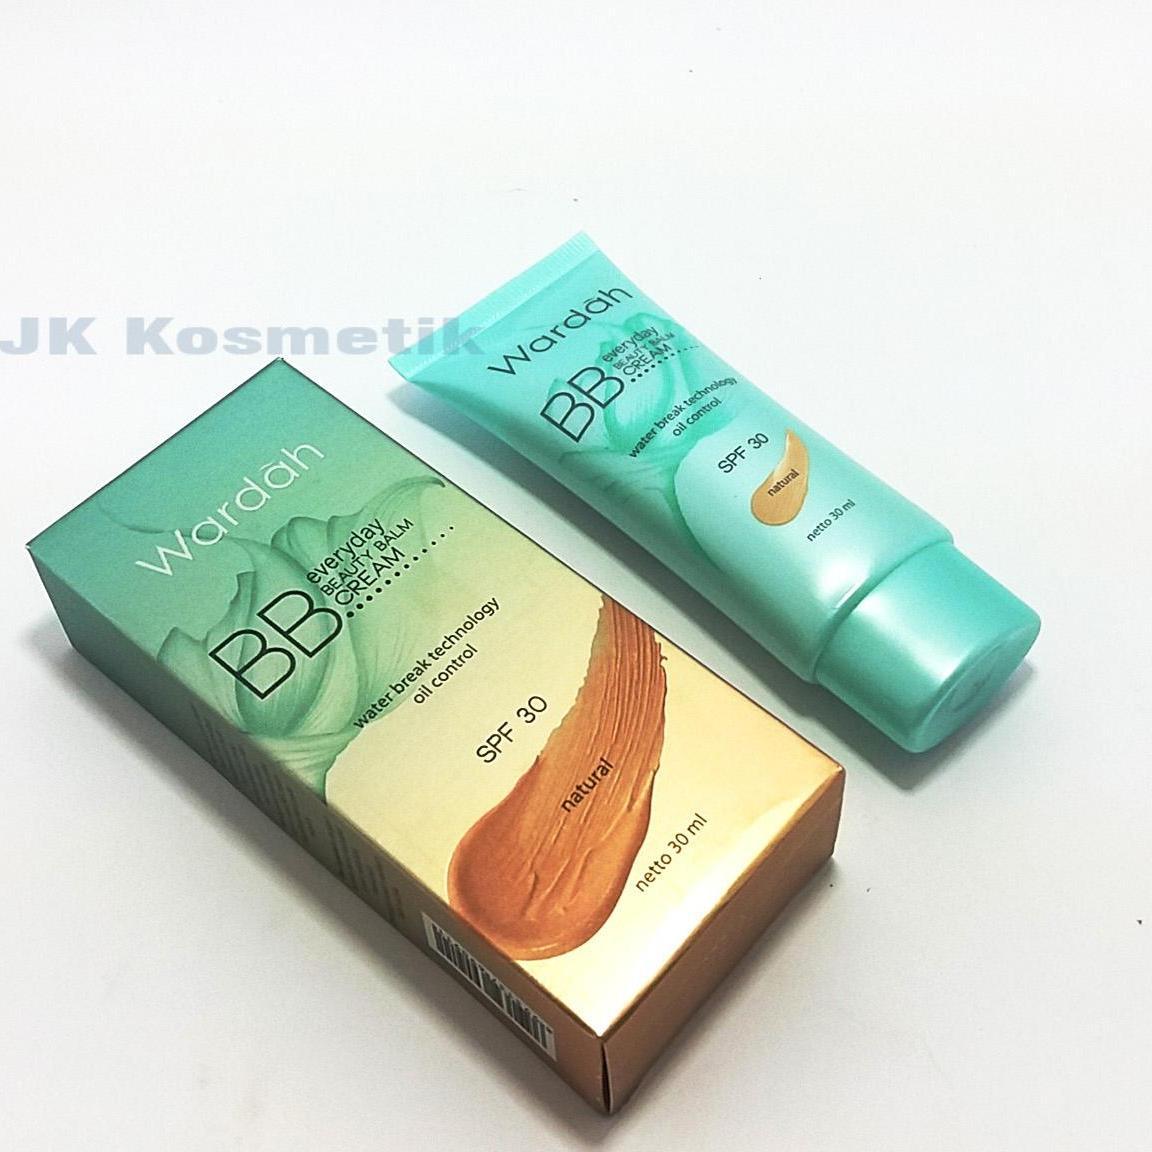 Kehebatan Emina Beauty Bliss Bb Cream Natural 20 Ml Dan Harga Update Wardah Everyday 30